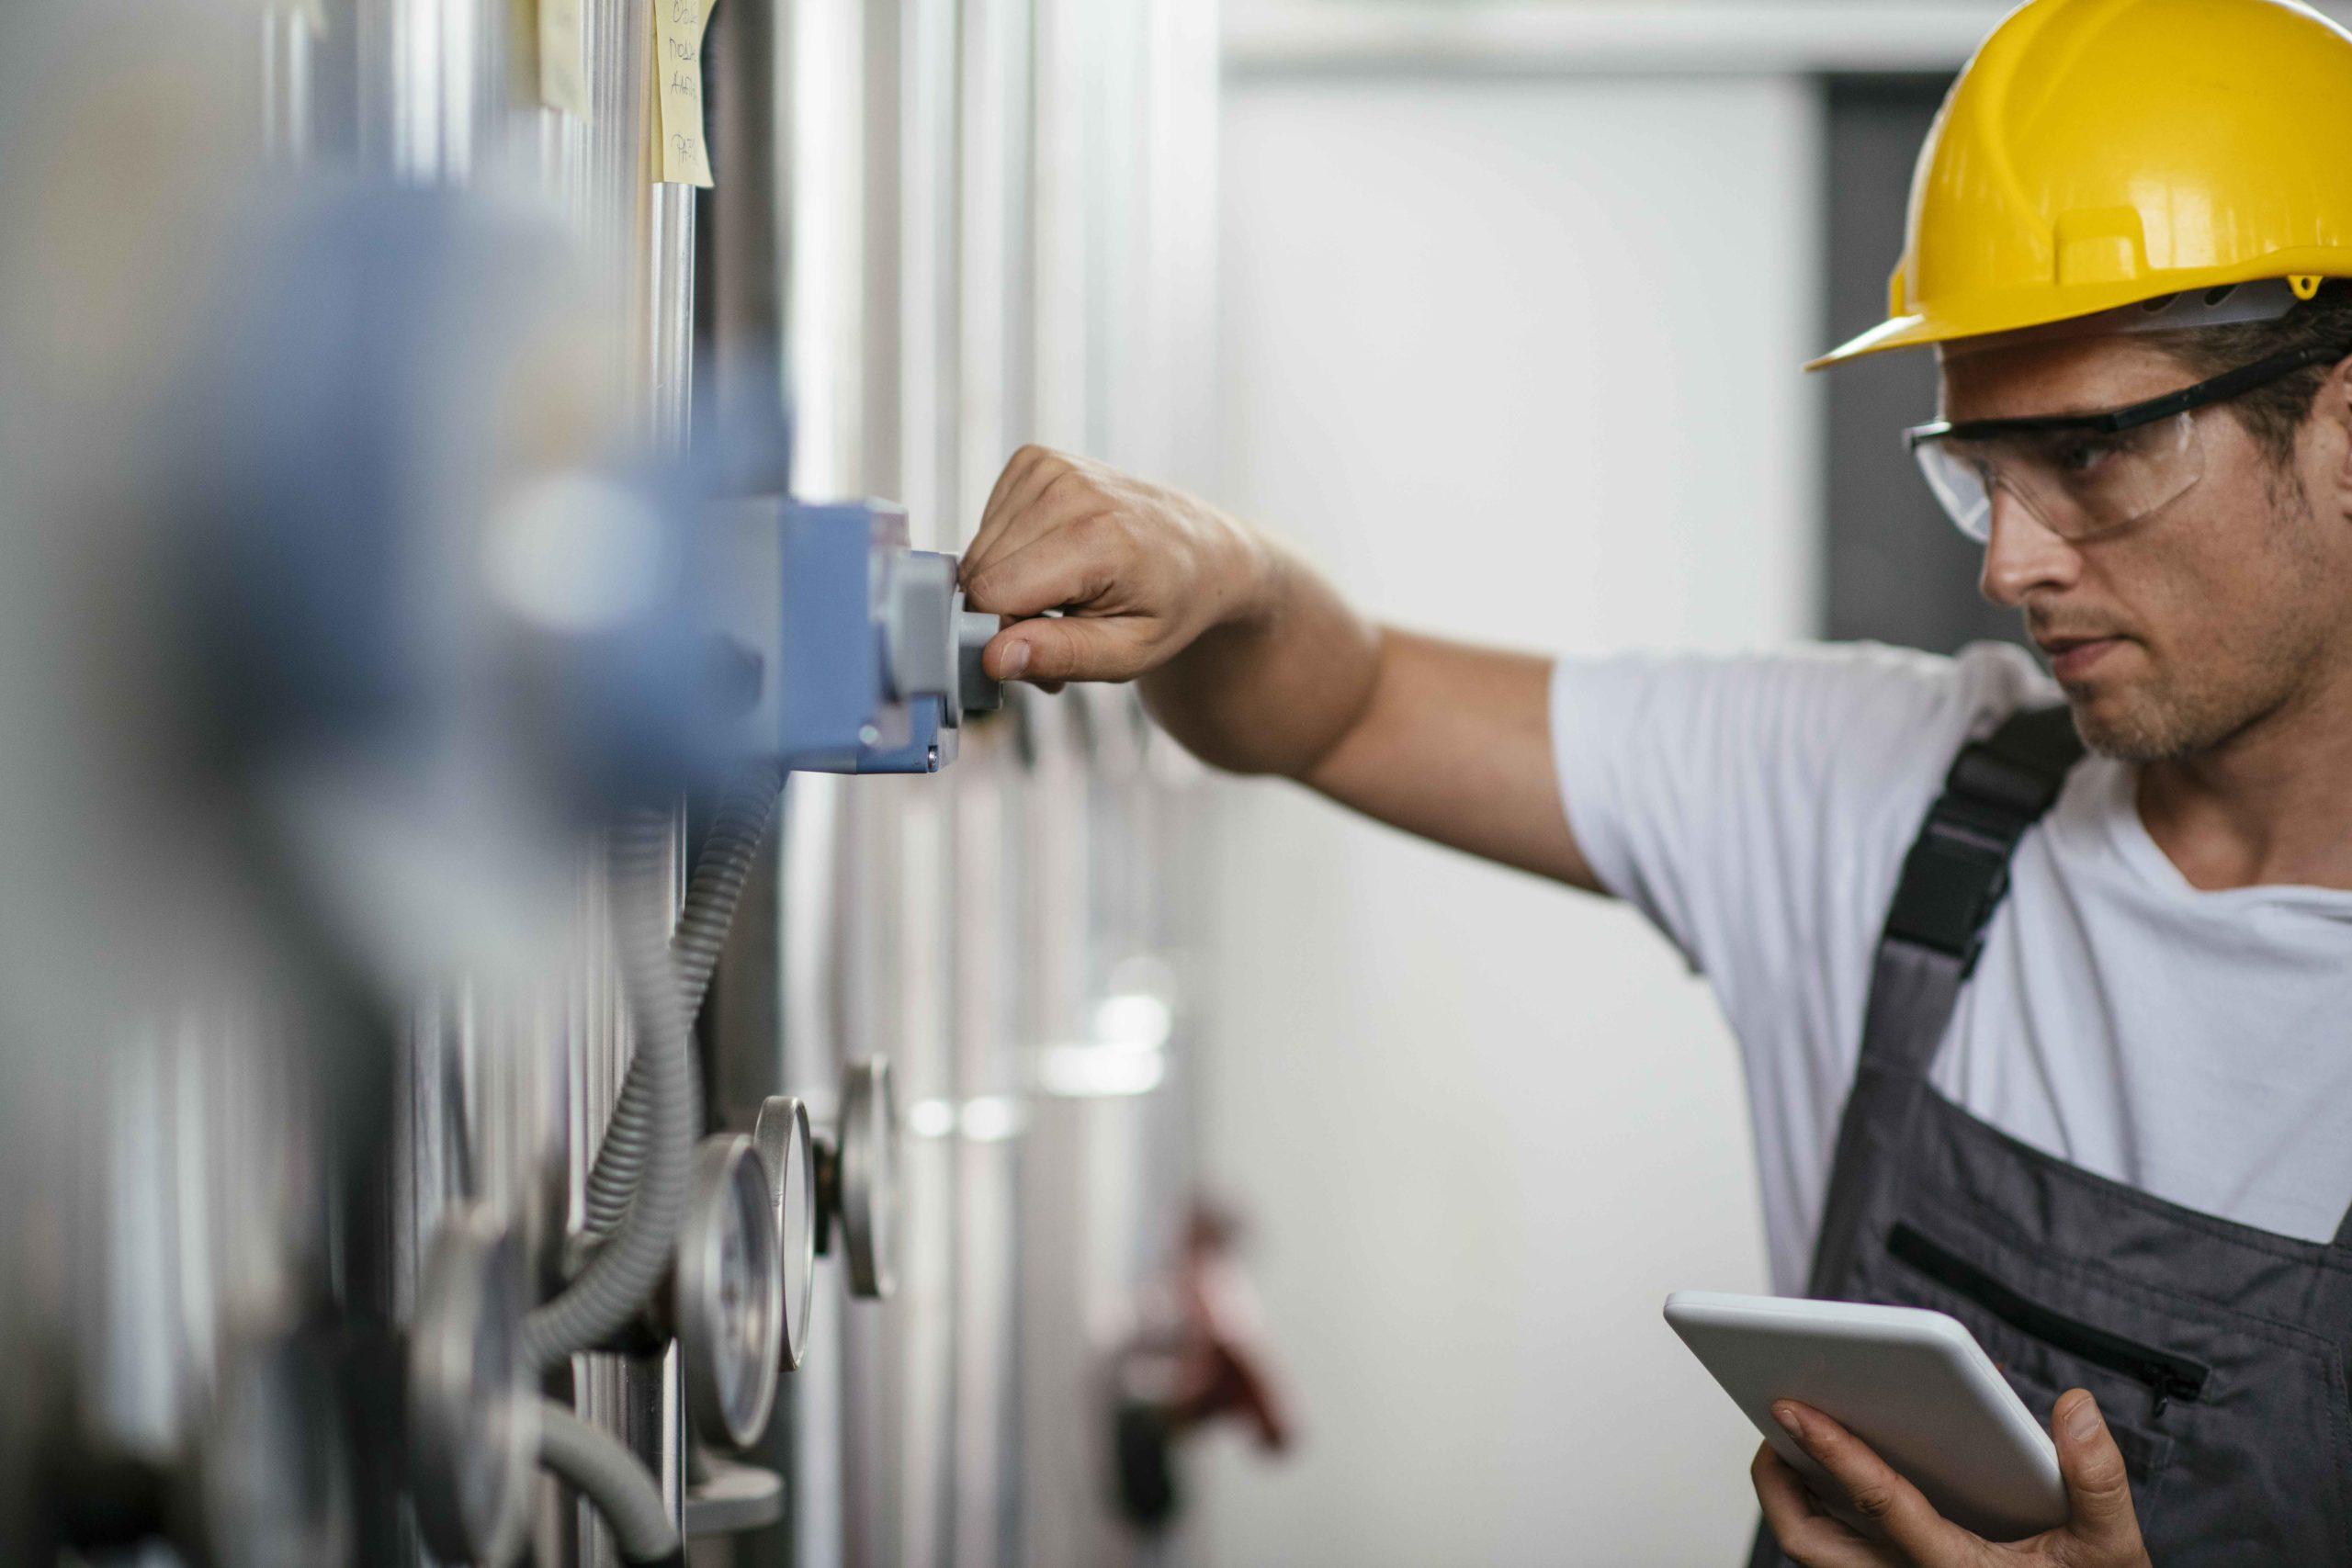 Mann mit Tablet bei Erdgas verarbeitenden Anlage